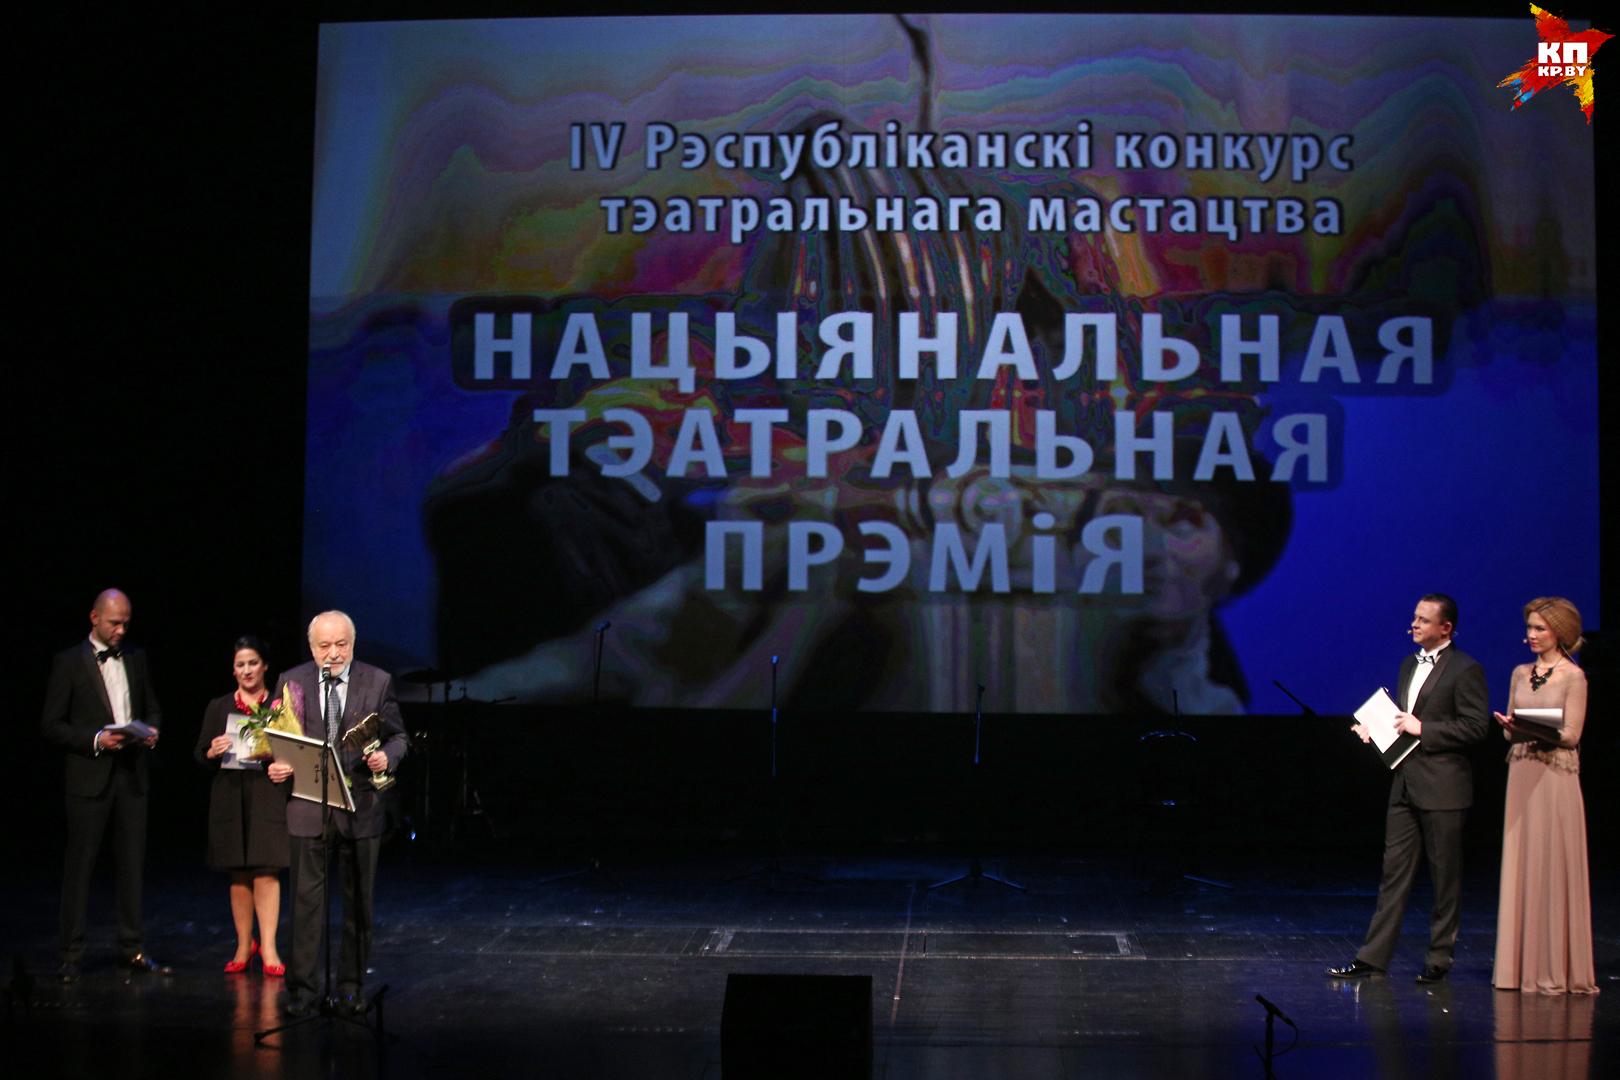 Национальная театральная премия вручается раз в два года.